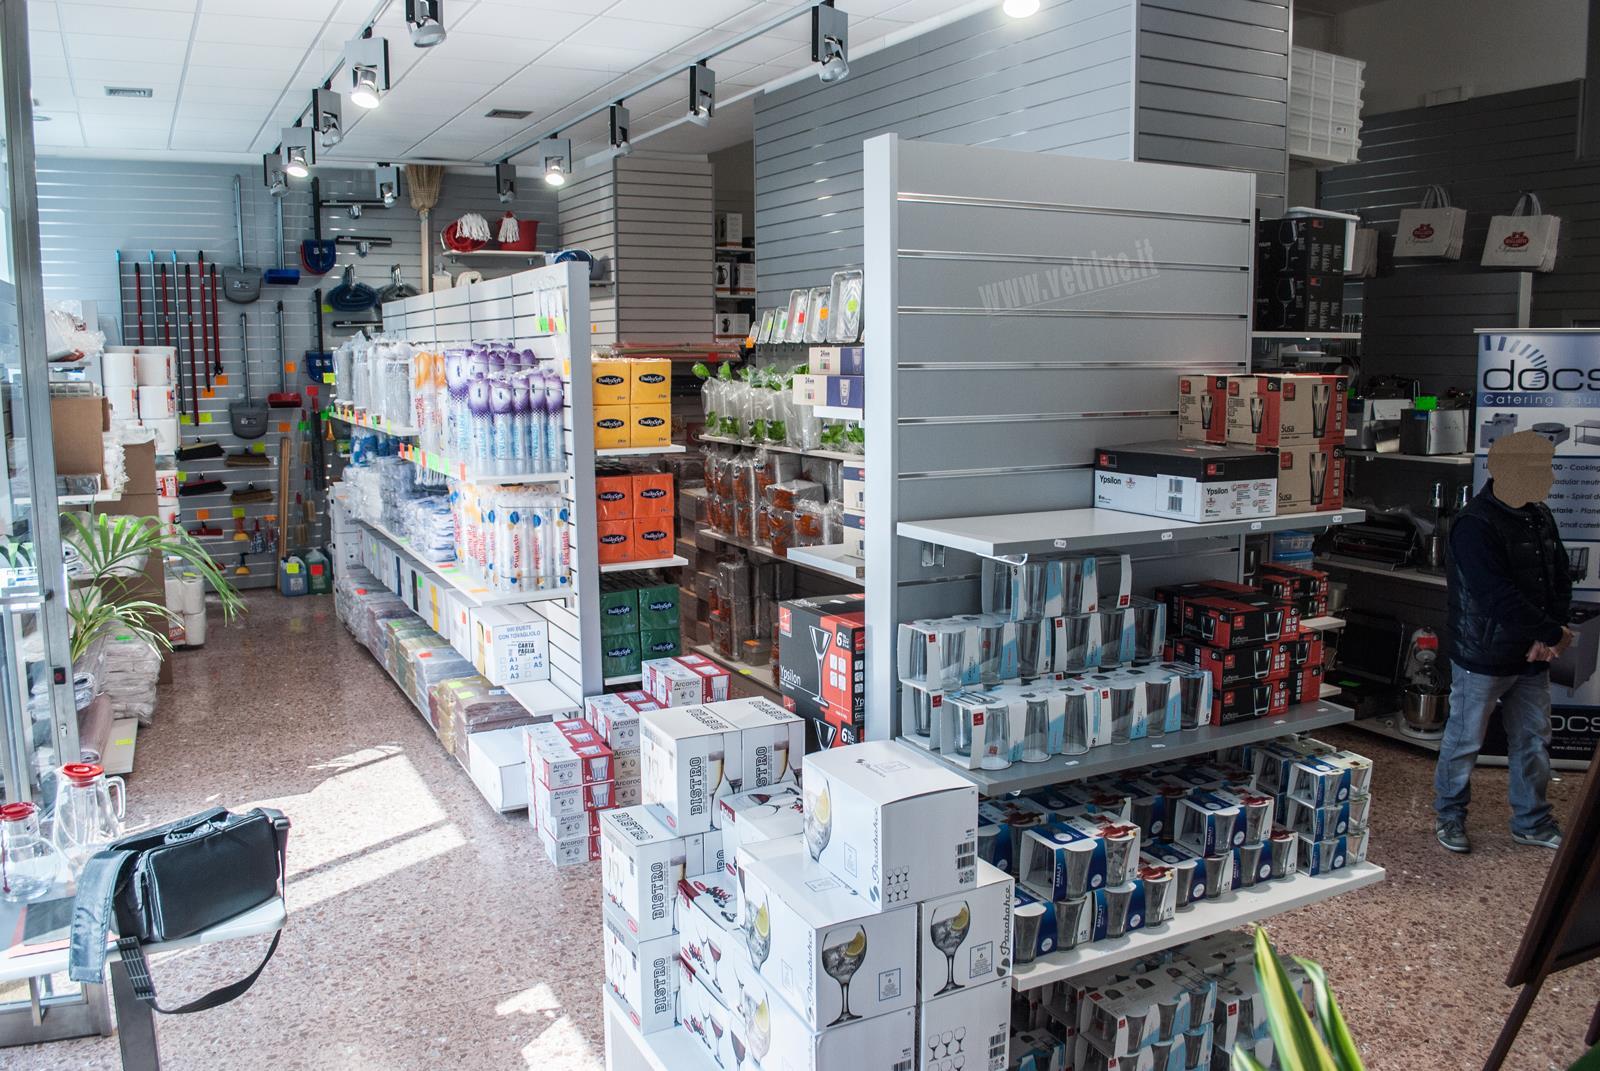 Arredamento negozi casaligni roma for Arredamento negozi roma